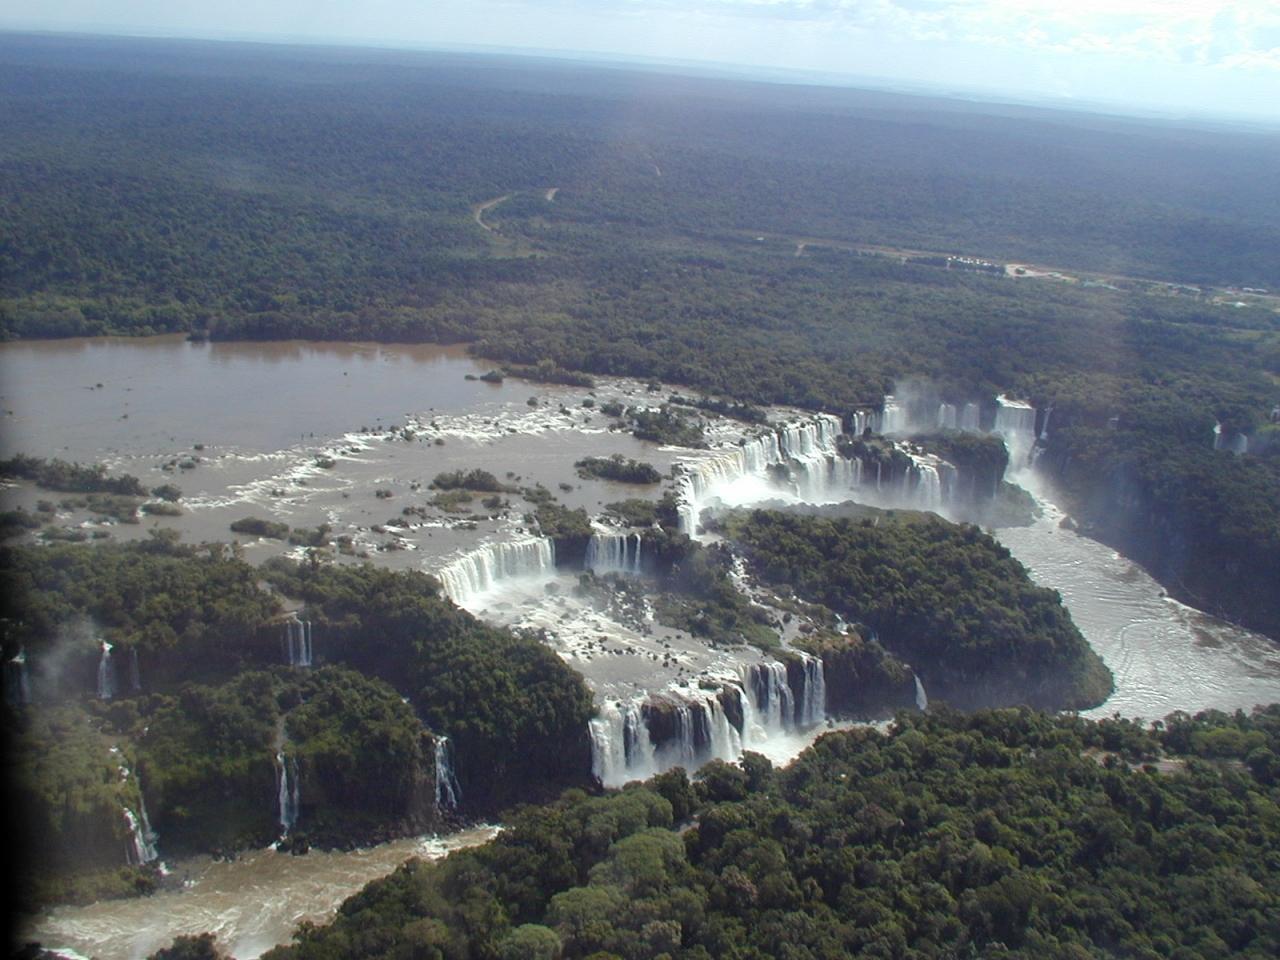 イグアスの滝 - 豊富なアクティビティに参加して、瀑布を堪能